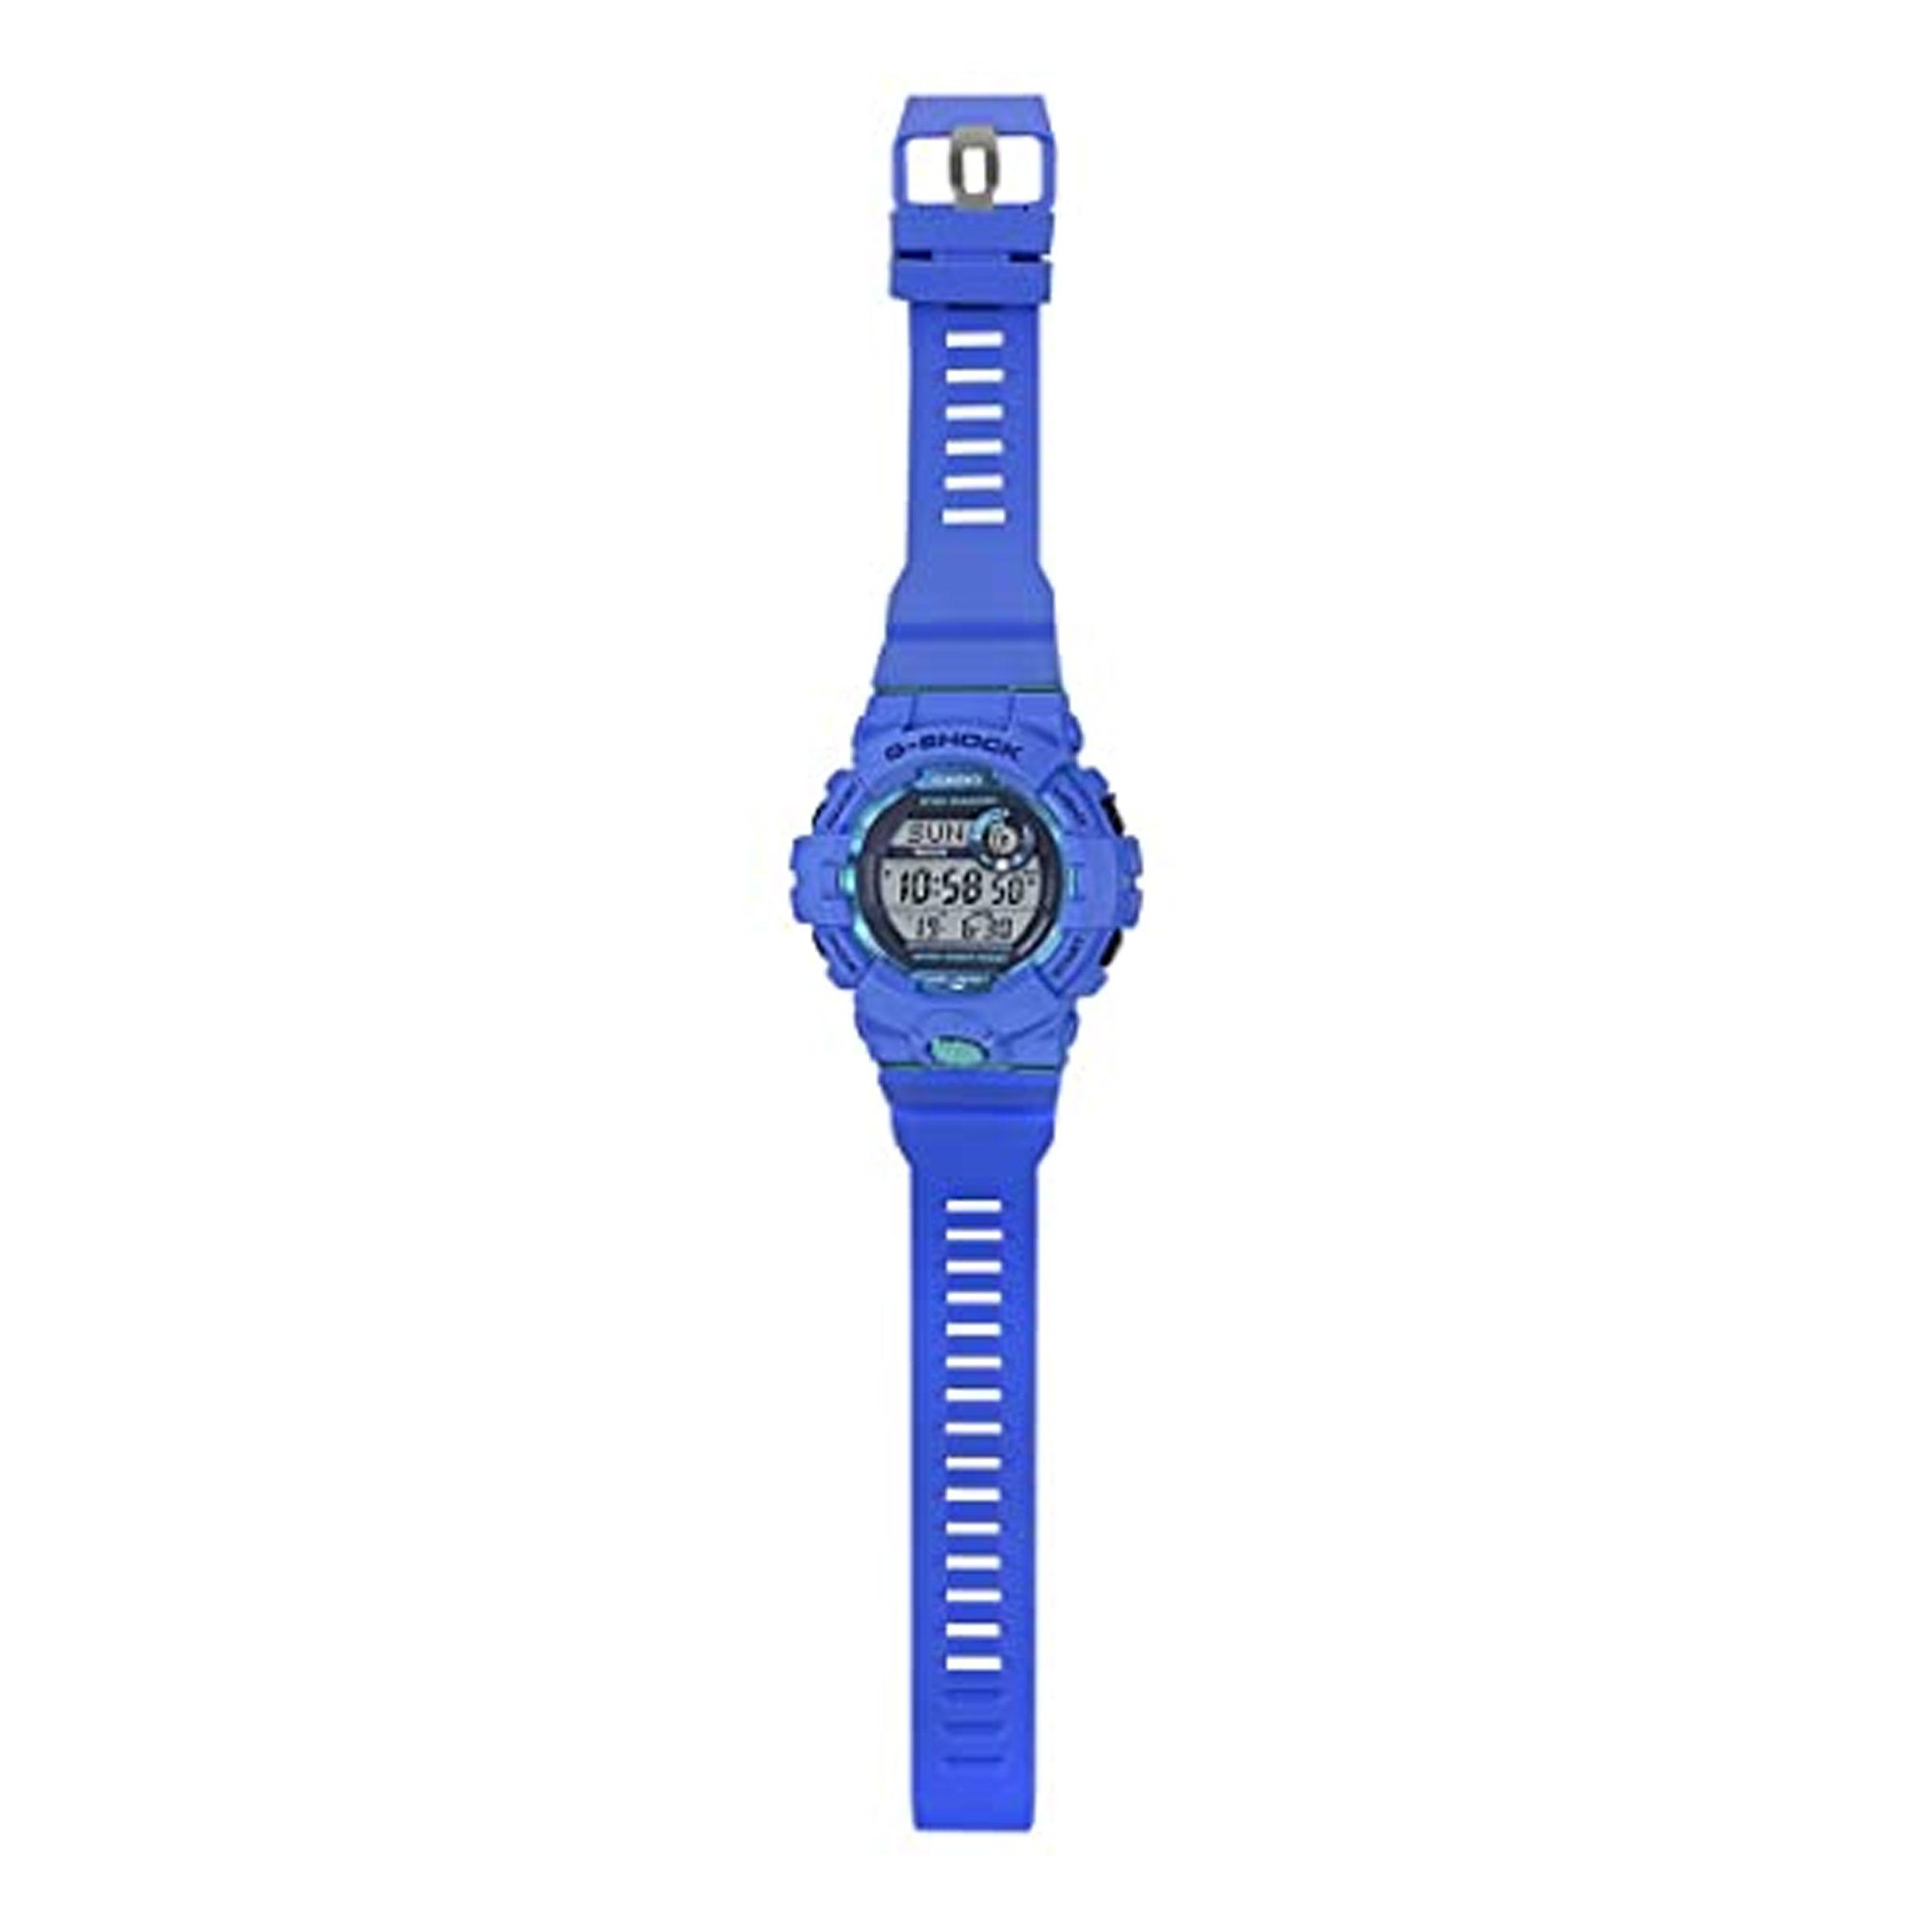 ساعت مچی دیجیتال کاسیو مدل GBD-800-2DR             قیمت